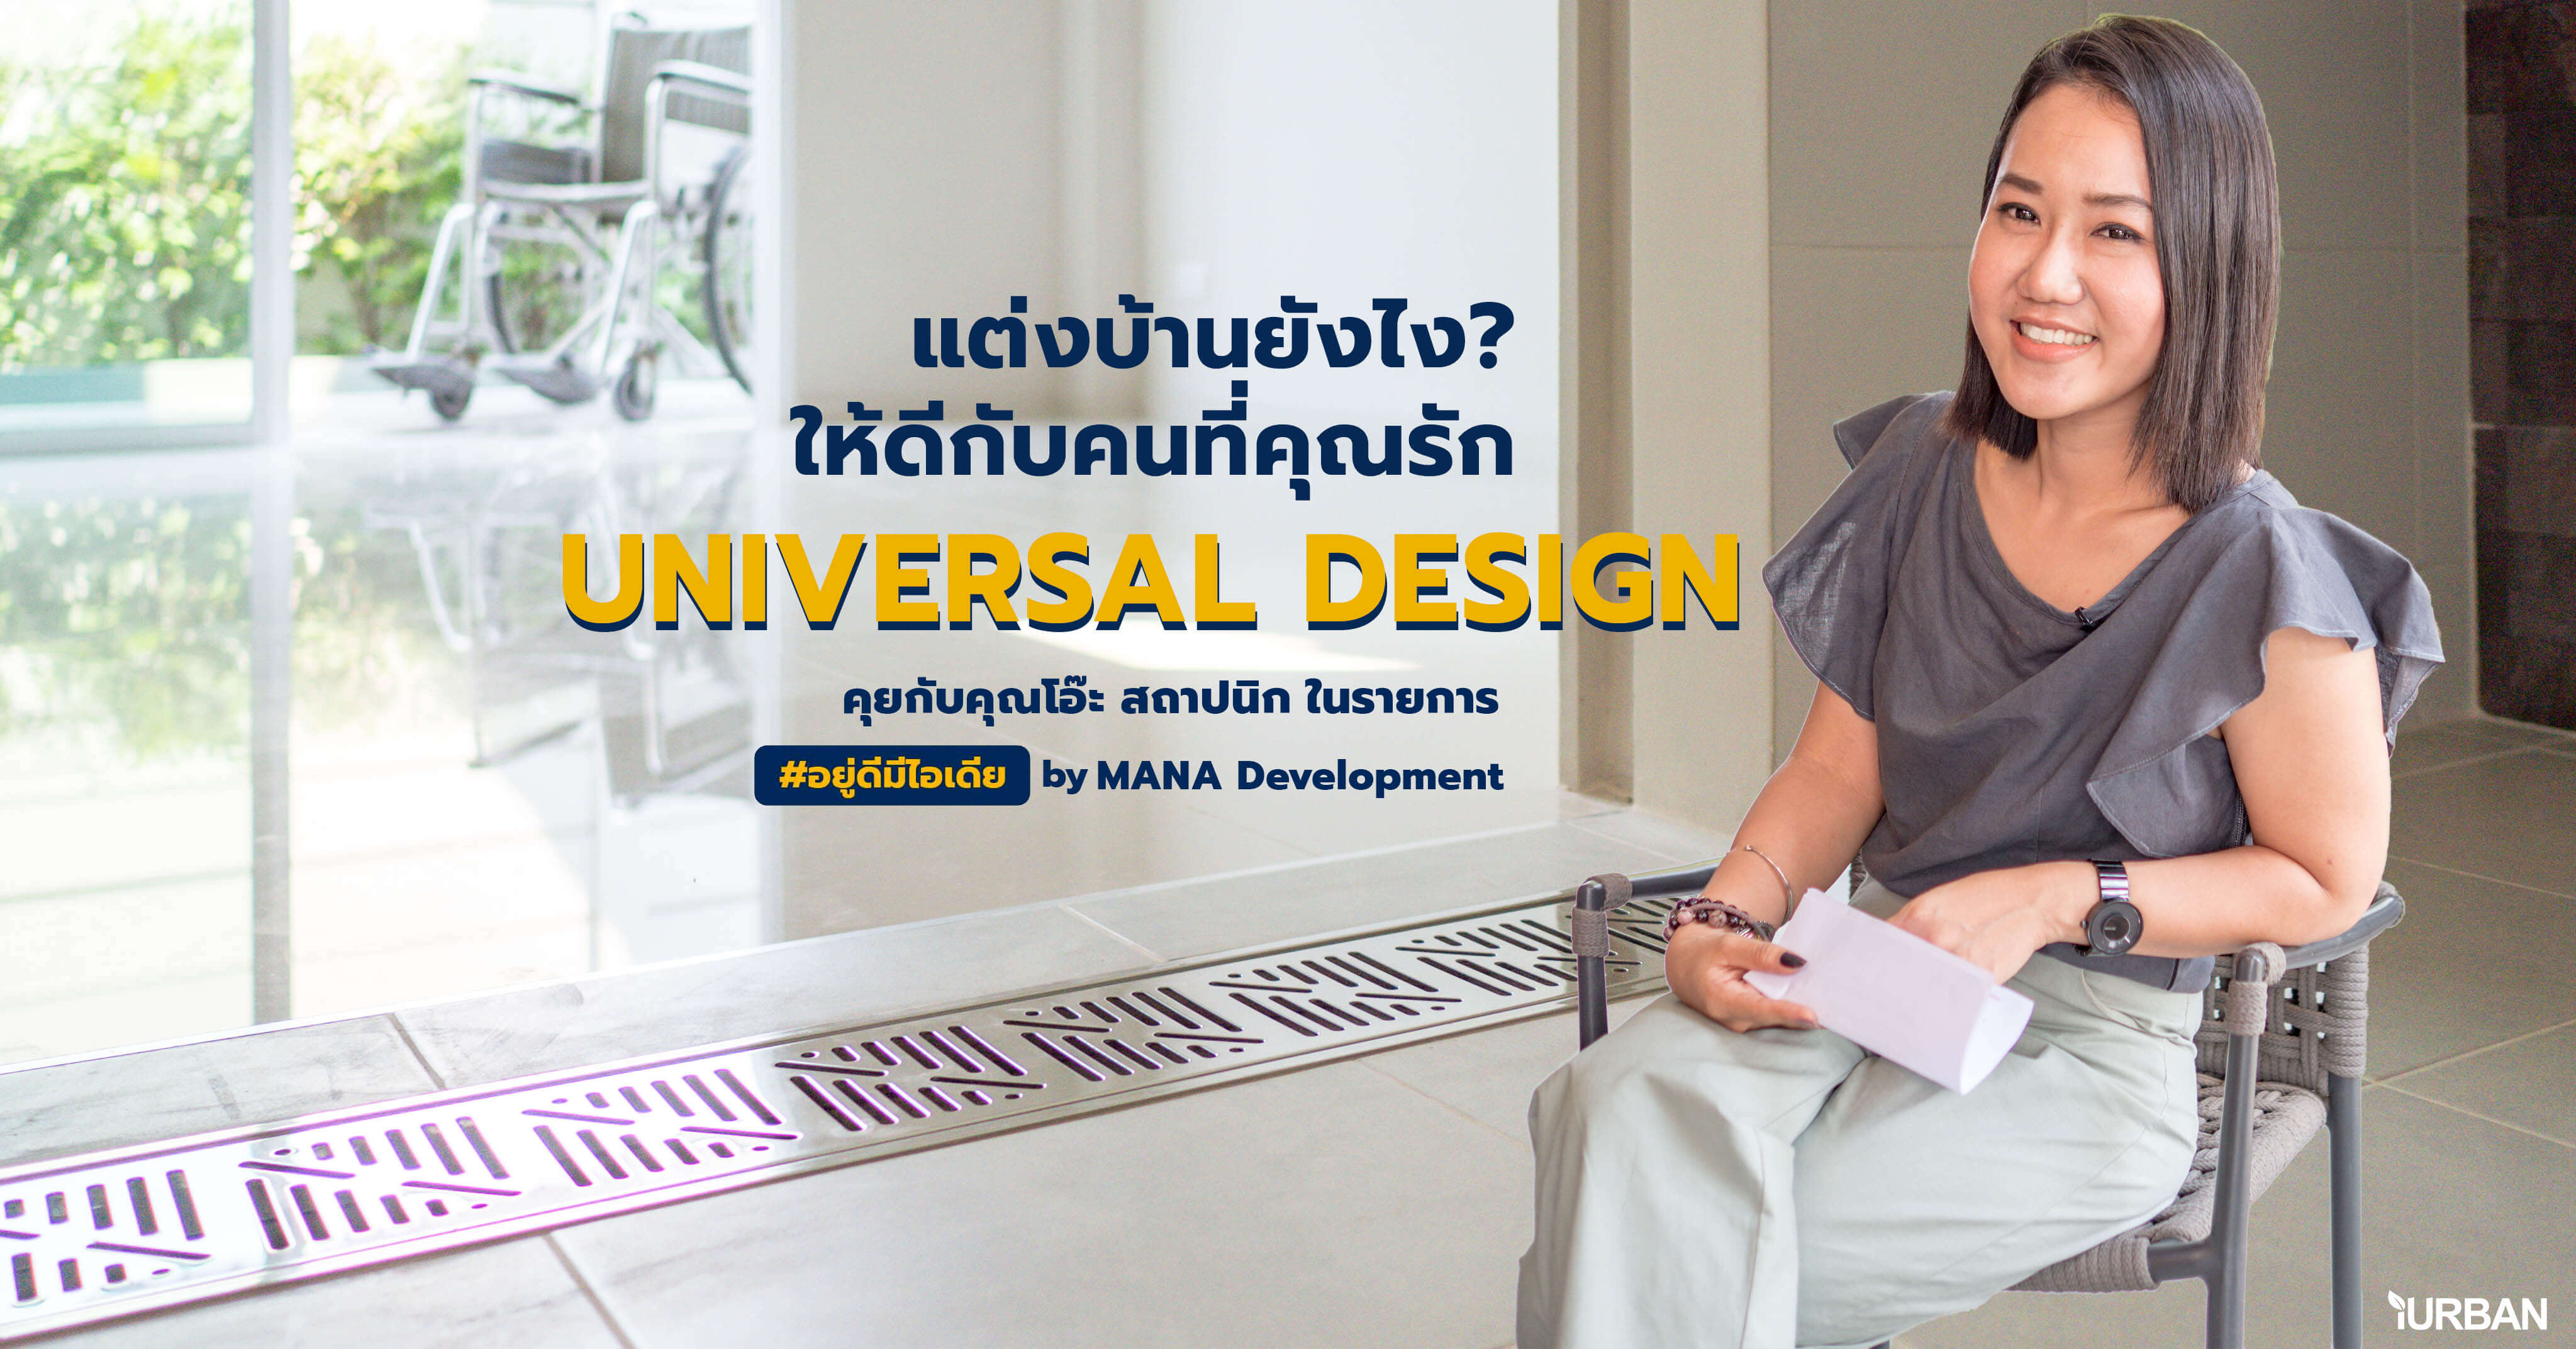 แต่งบ้านยังไงให้ดีกับคนที่คุณรัก Universal Design By คุณโอ๊ะ (สถาปนิก) 13 - disable